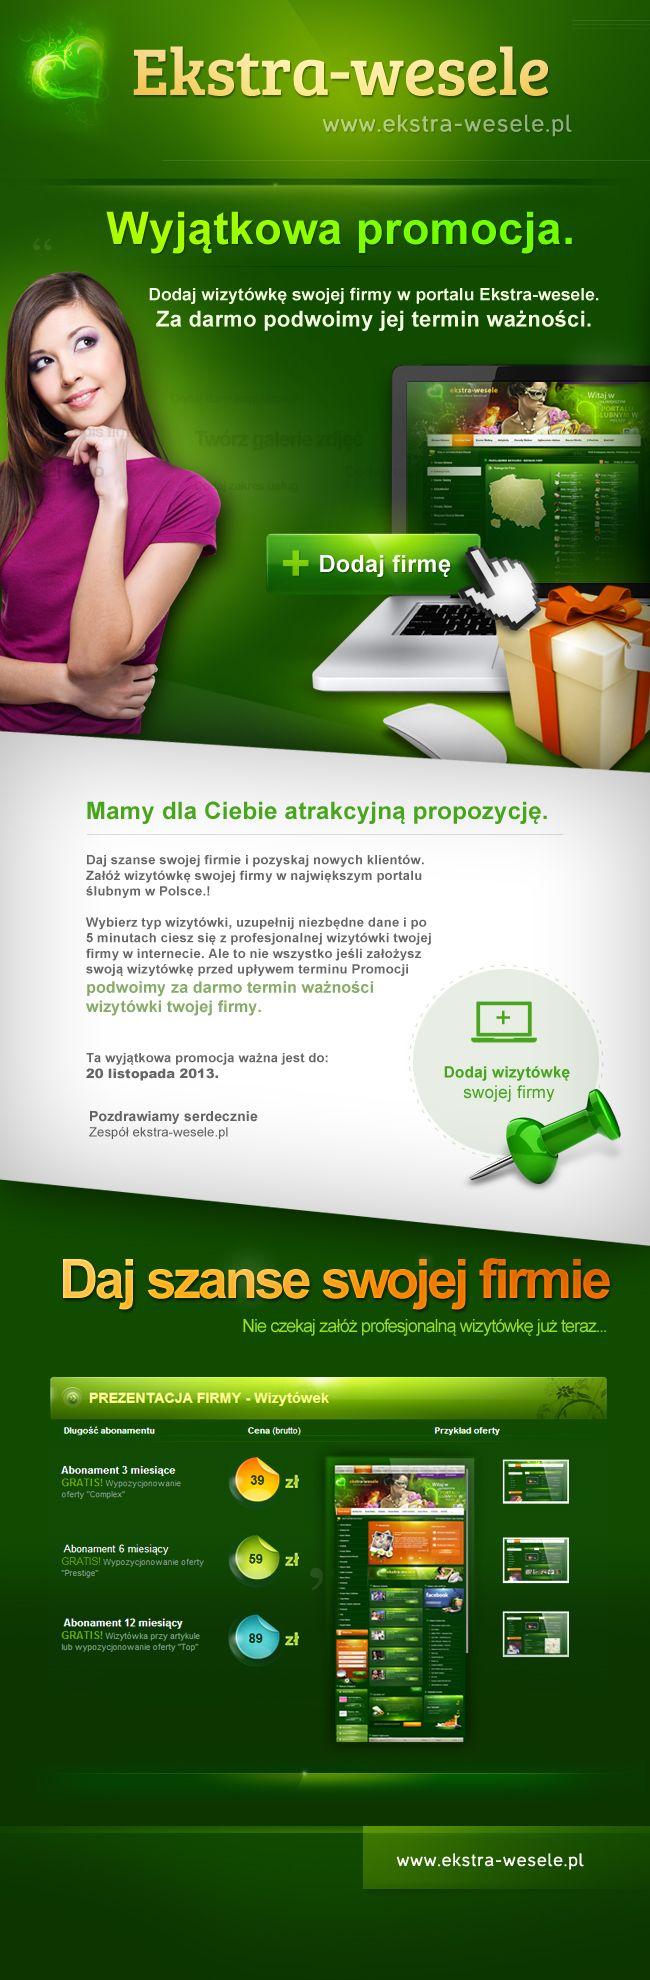 Ekstra-wesele.pl - Promotion Newsletter